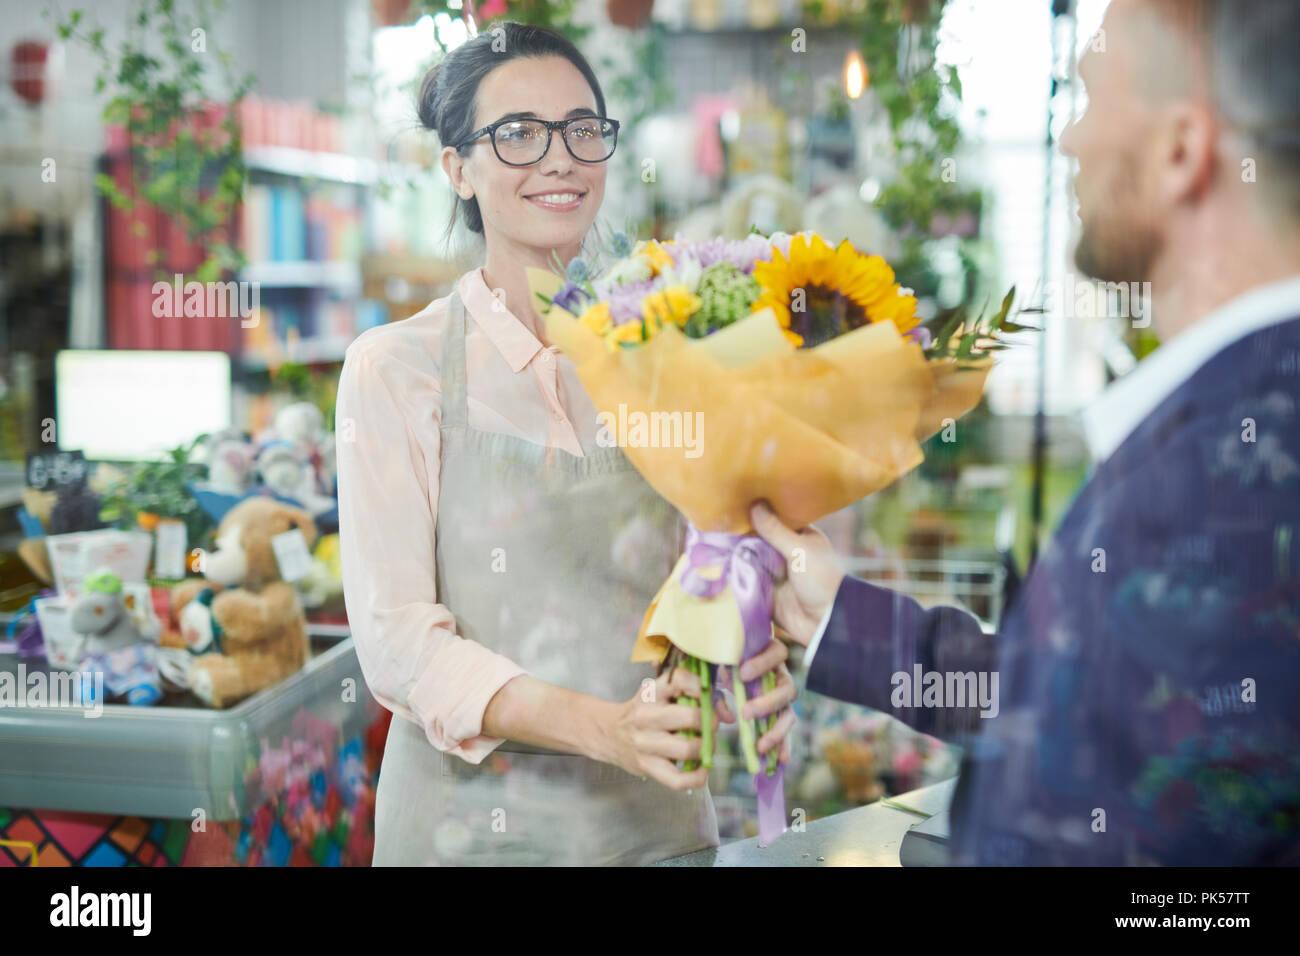 Donna che vendono fiori Immagini Stock